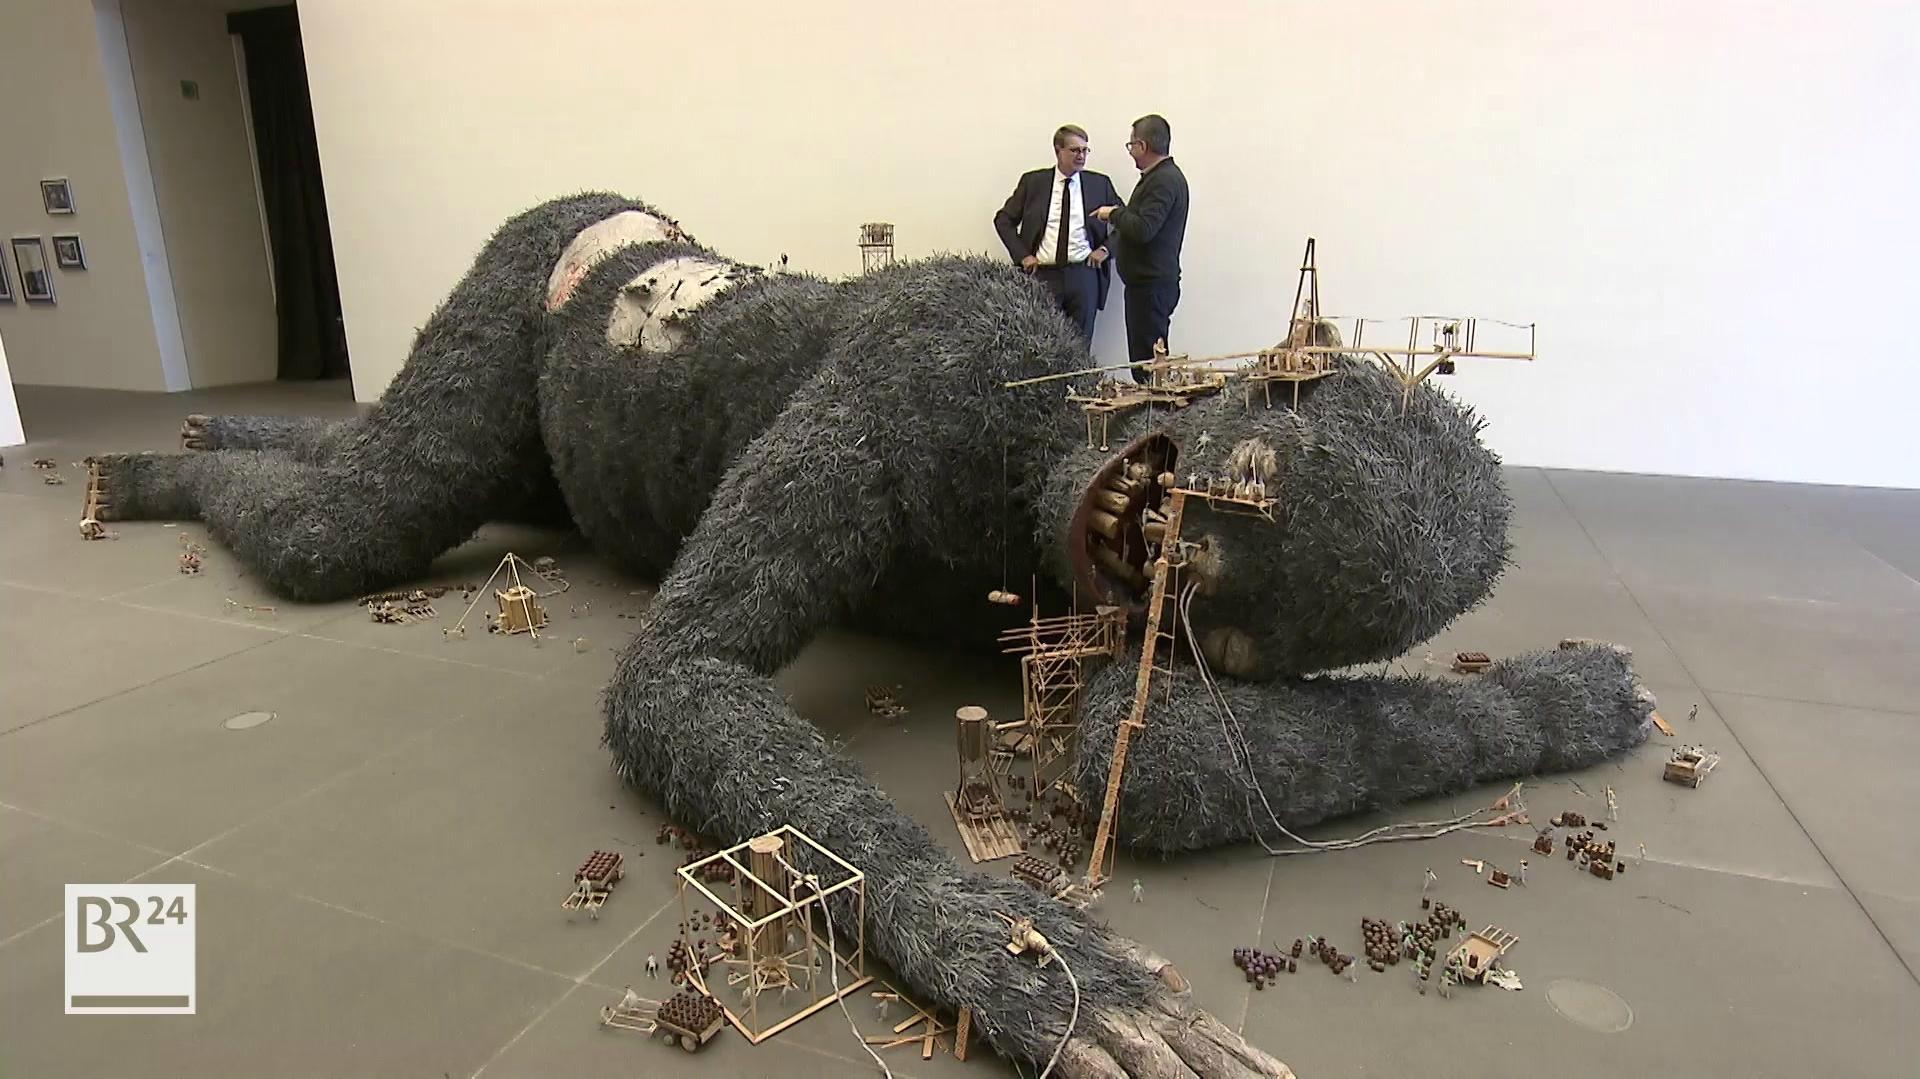 Affen-Mensch-Skulptur